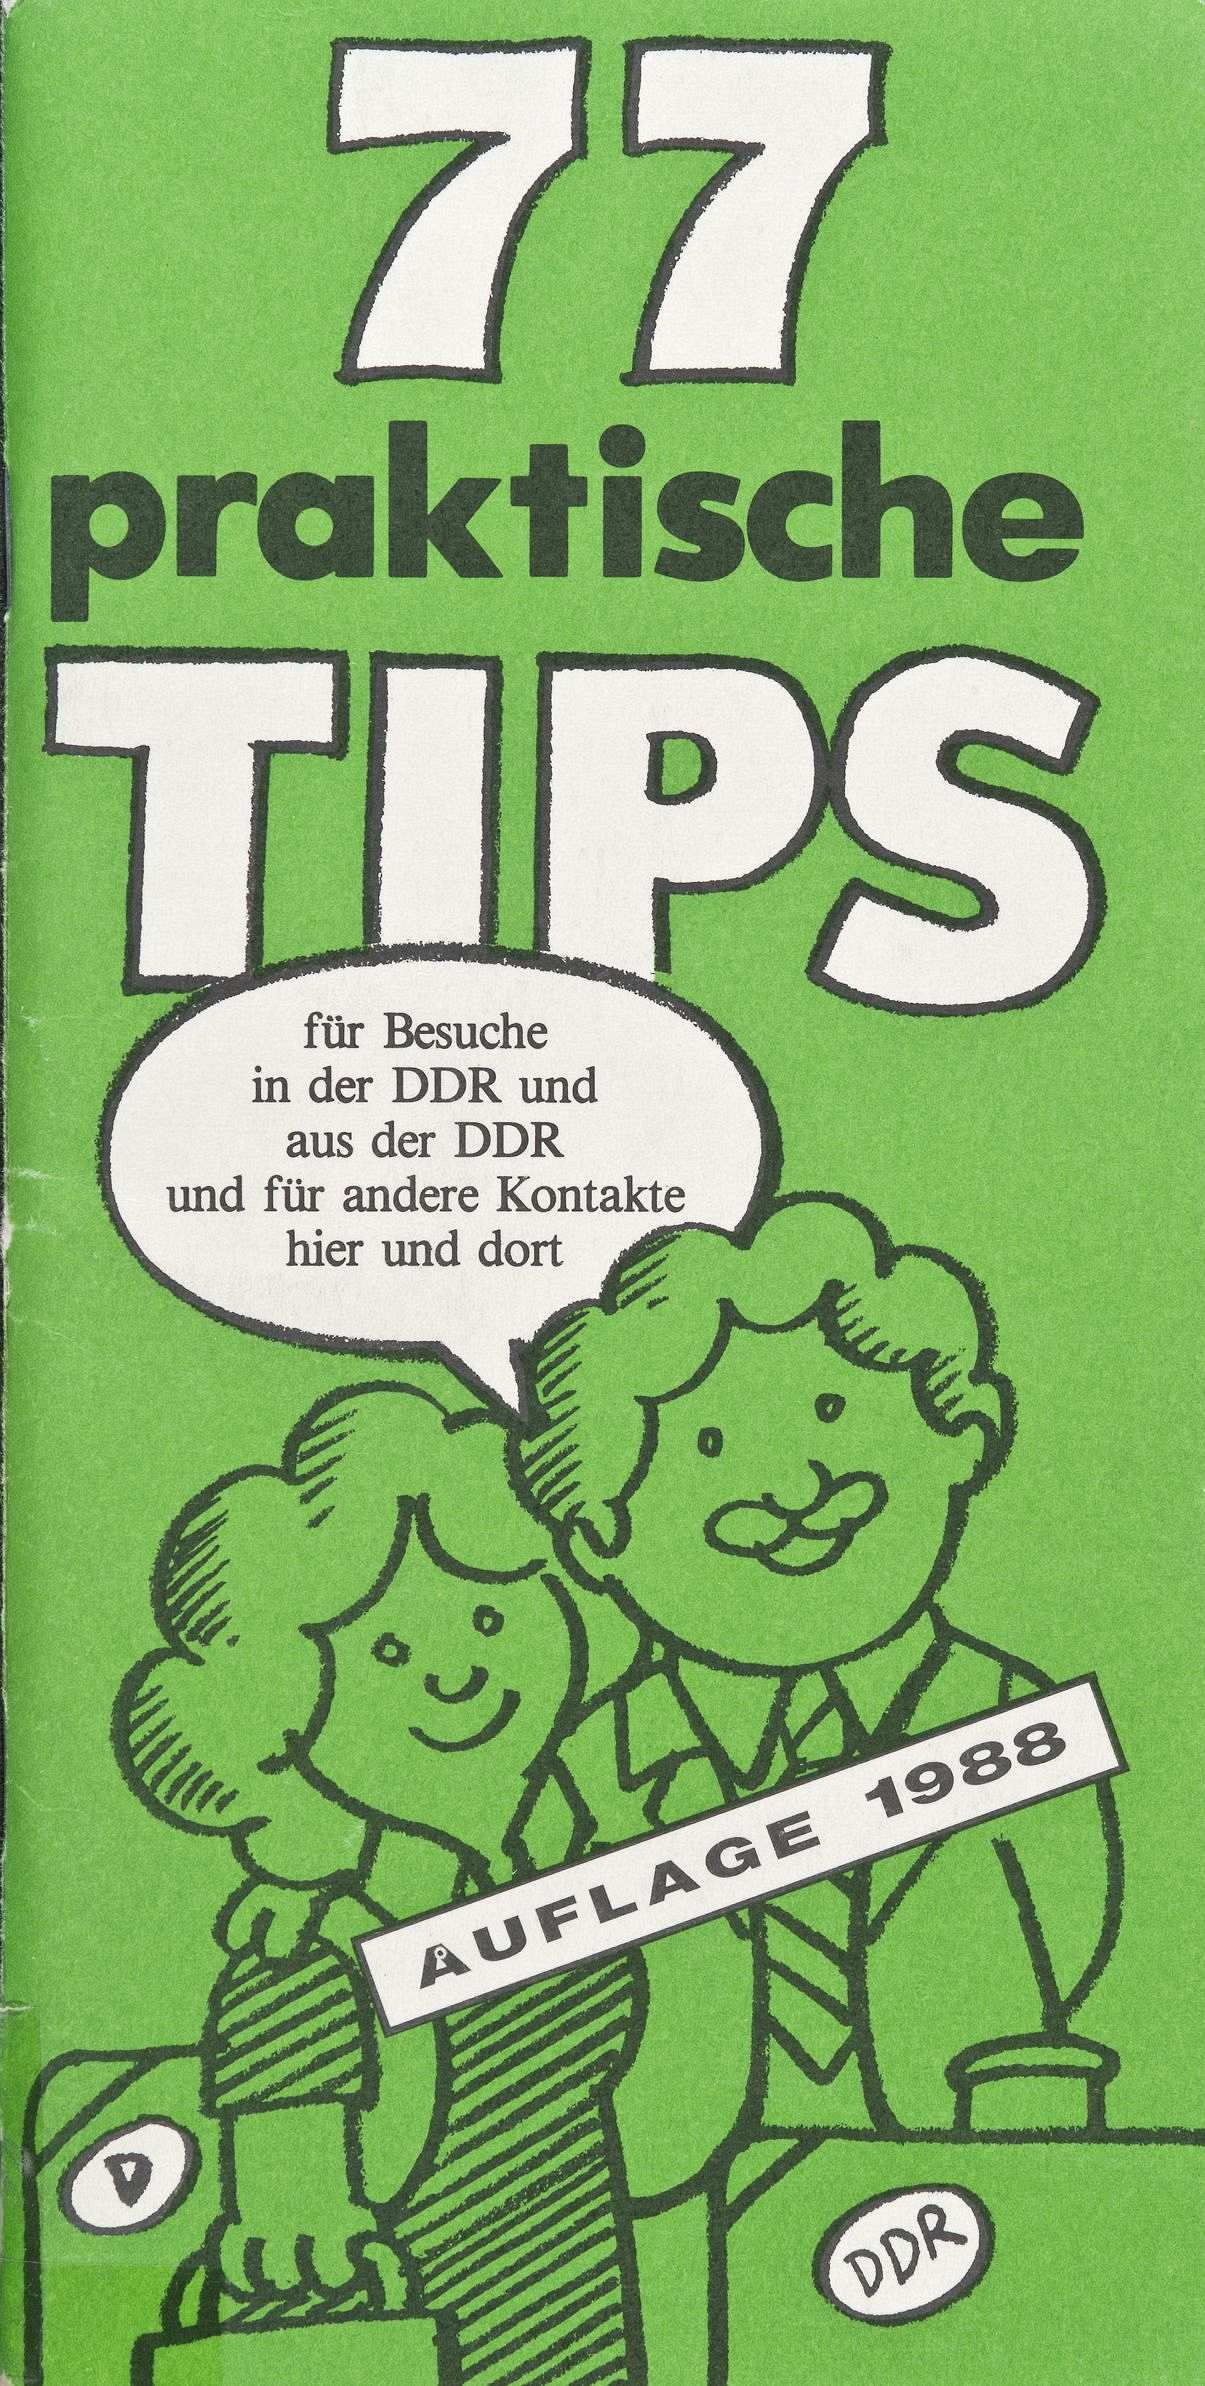 Grünes Heft mit weißer und schwarzer Beschriftung: 77 praktische Tips. Darunter in weiß die Zeichnung einer Frau und eines Mannes mit Gepäck und Sprechblase; Text: für Besuche in der DDR und aus der DDR und für andere Kontakte hier und dort.